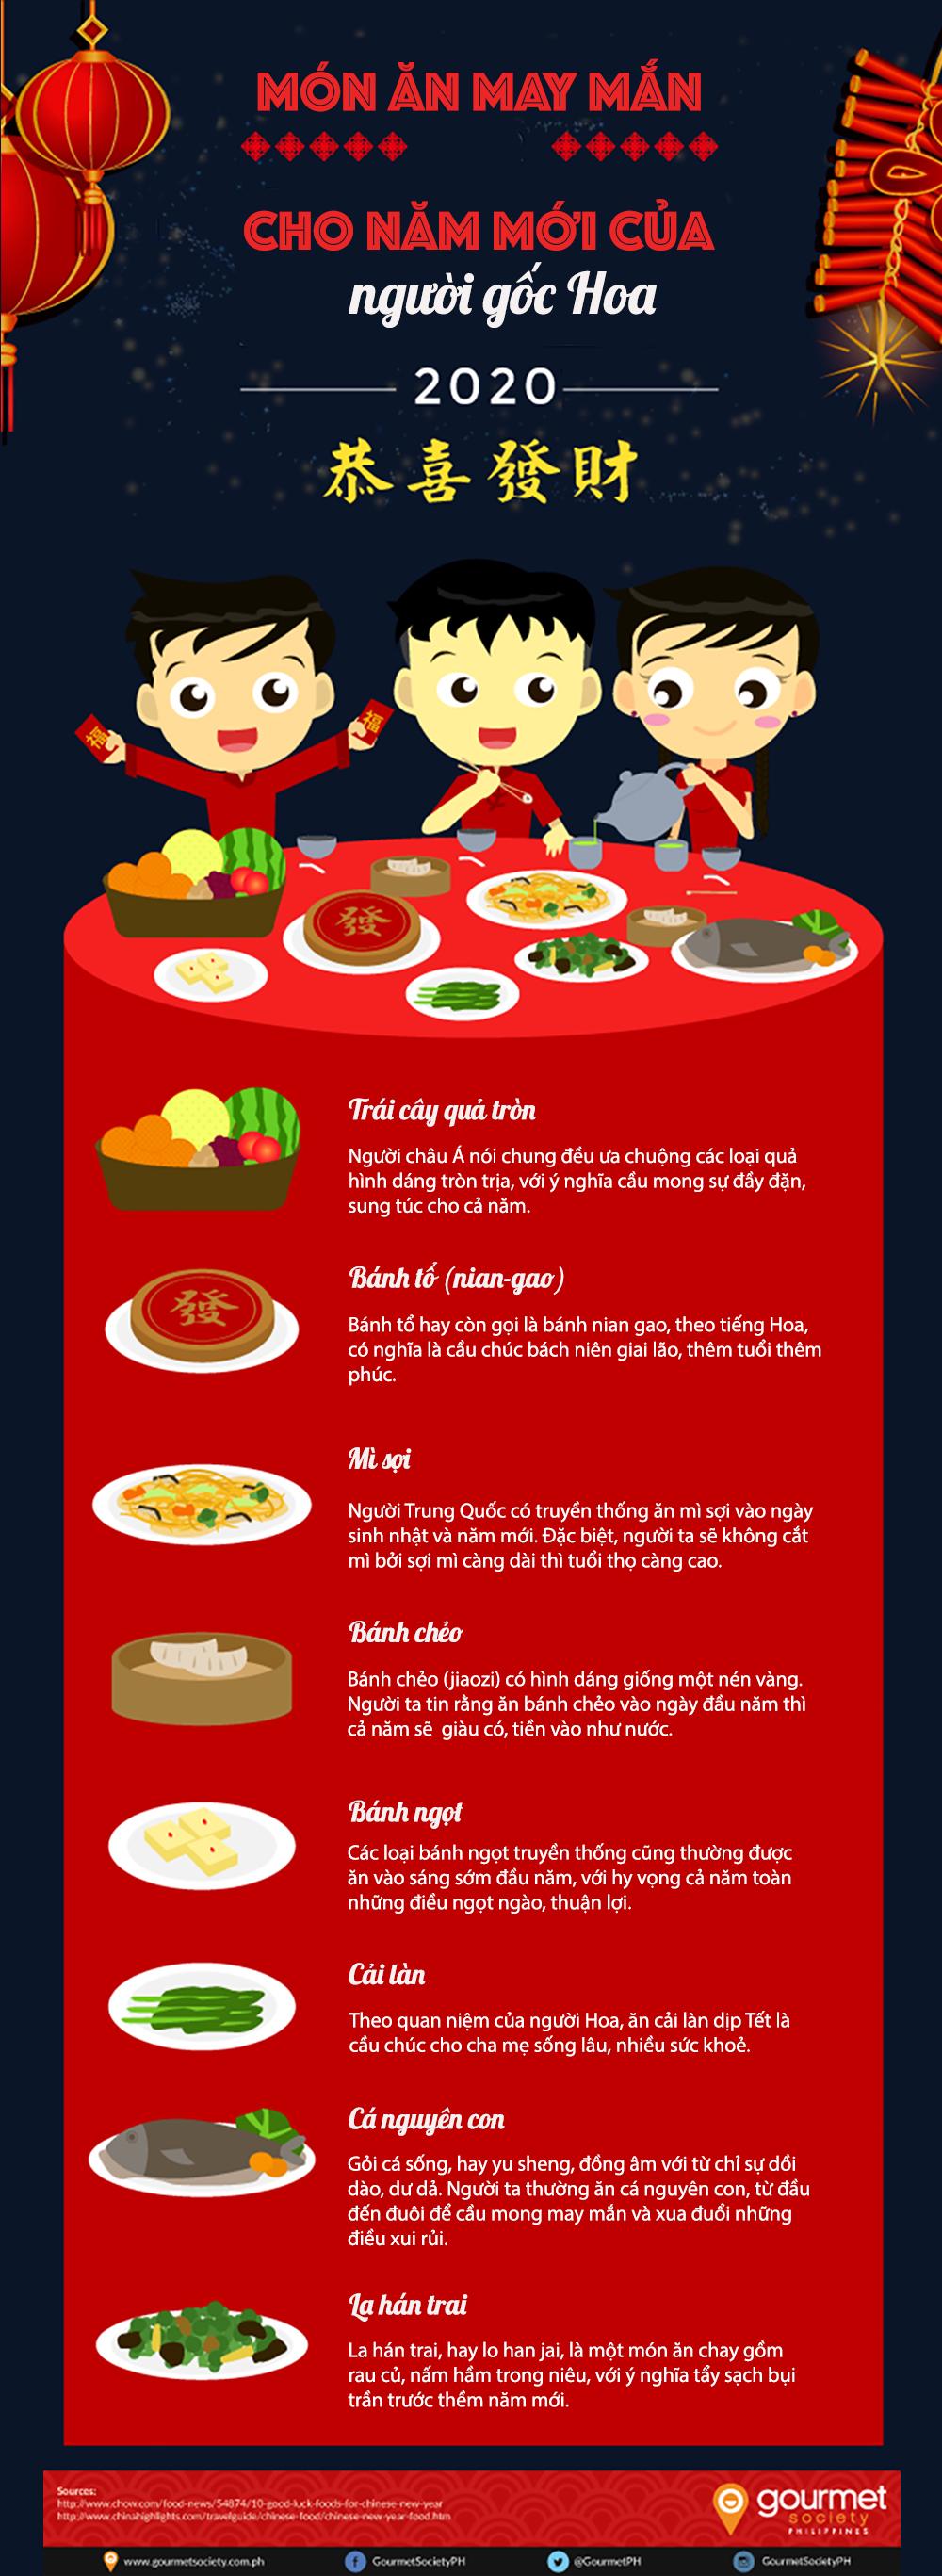 Những món ăn may mắn dịp năm mới của người gốc Hoa